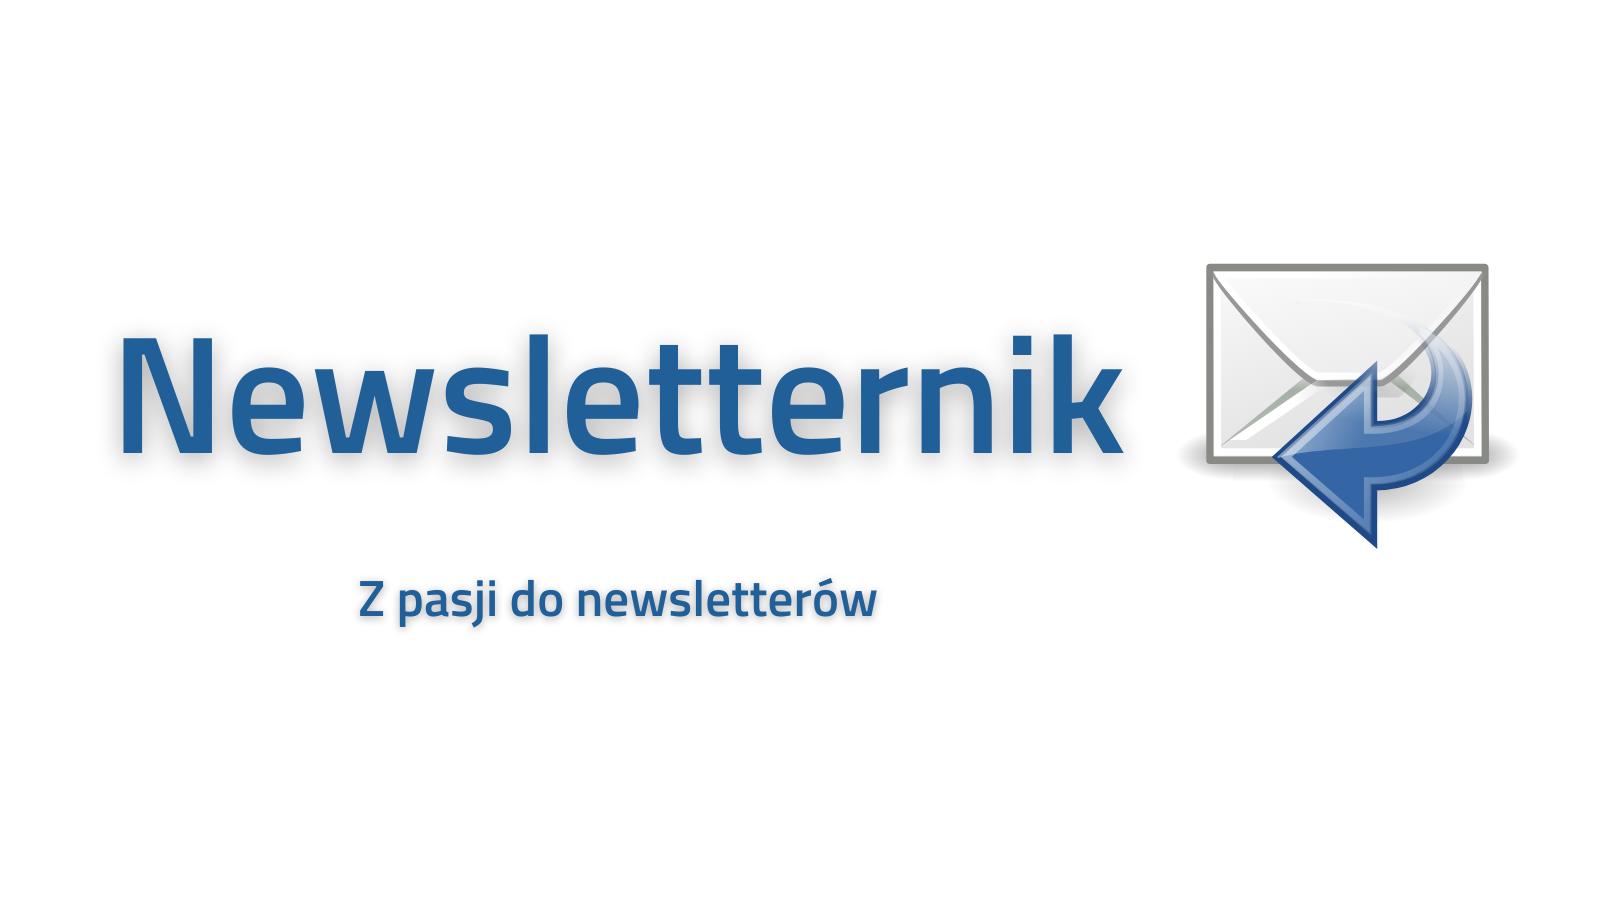 Newsletternik - newsletter logo